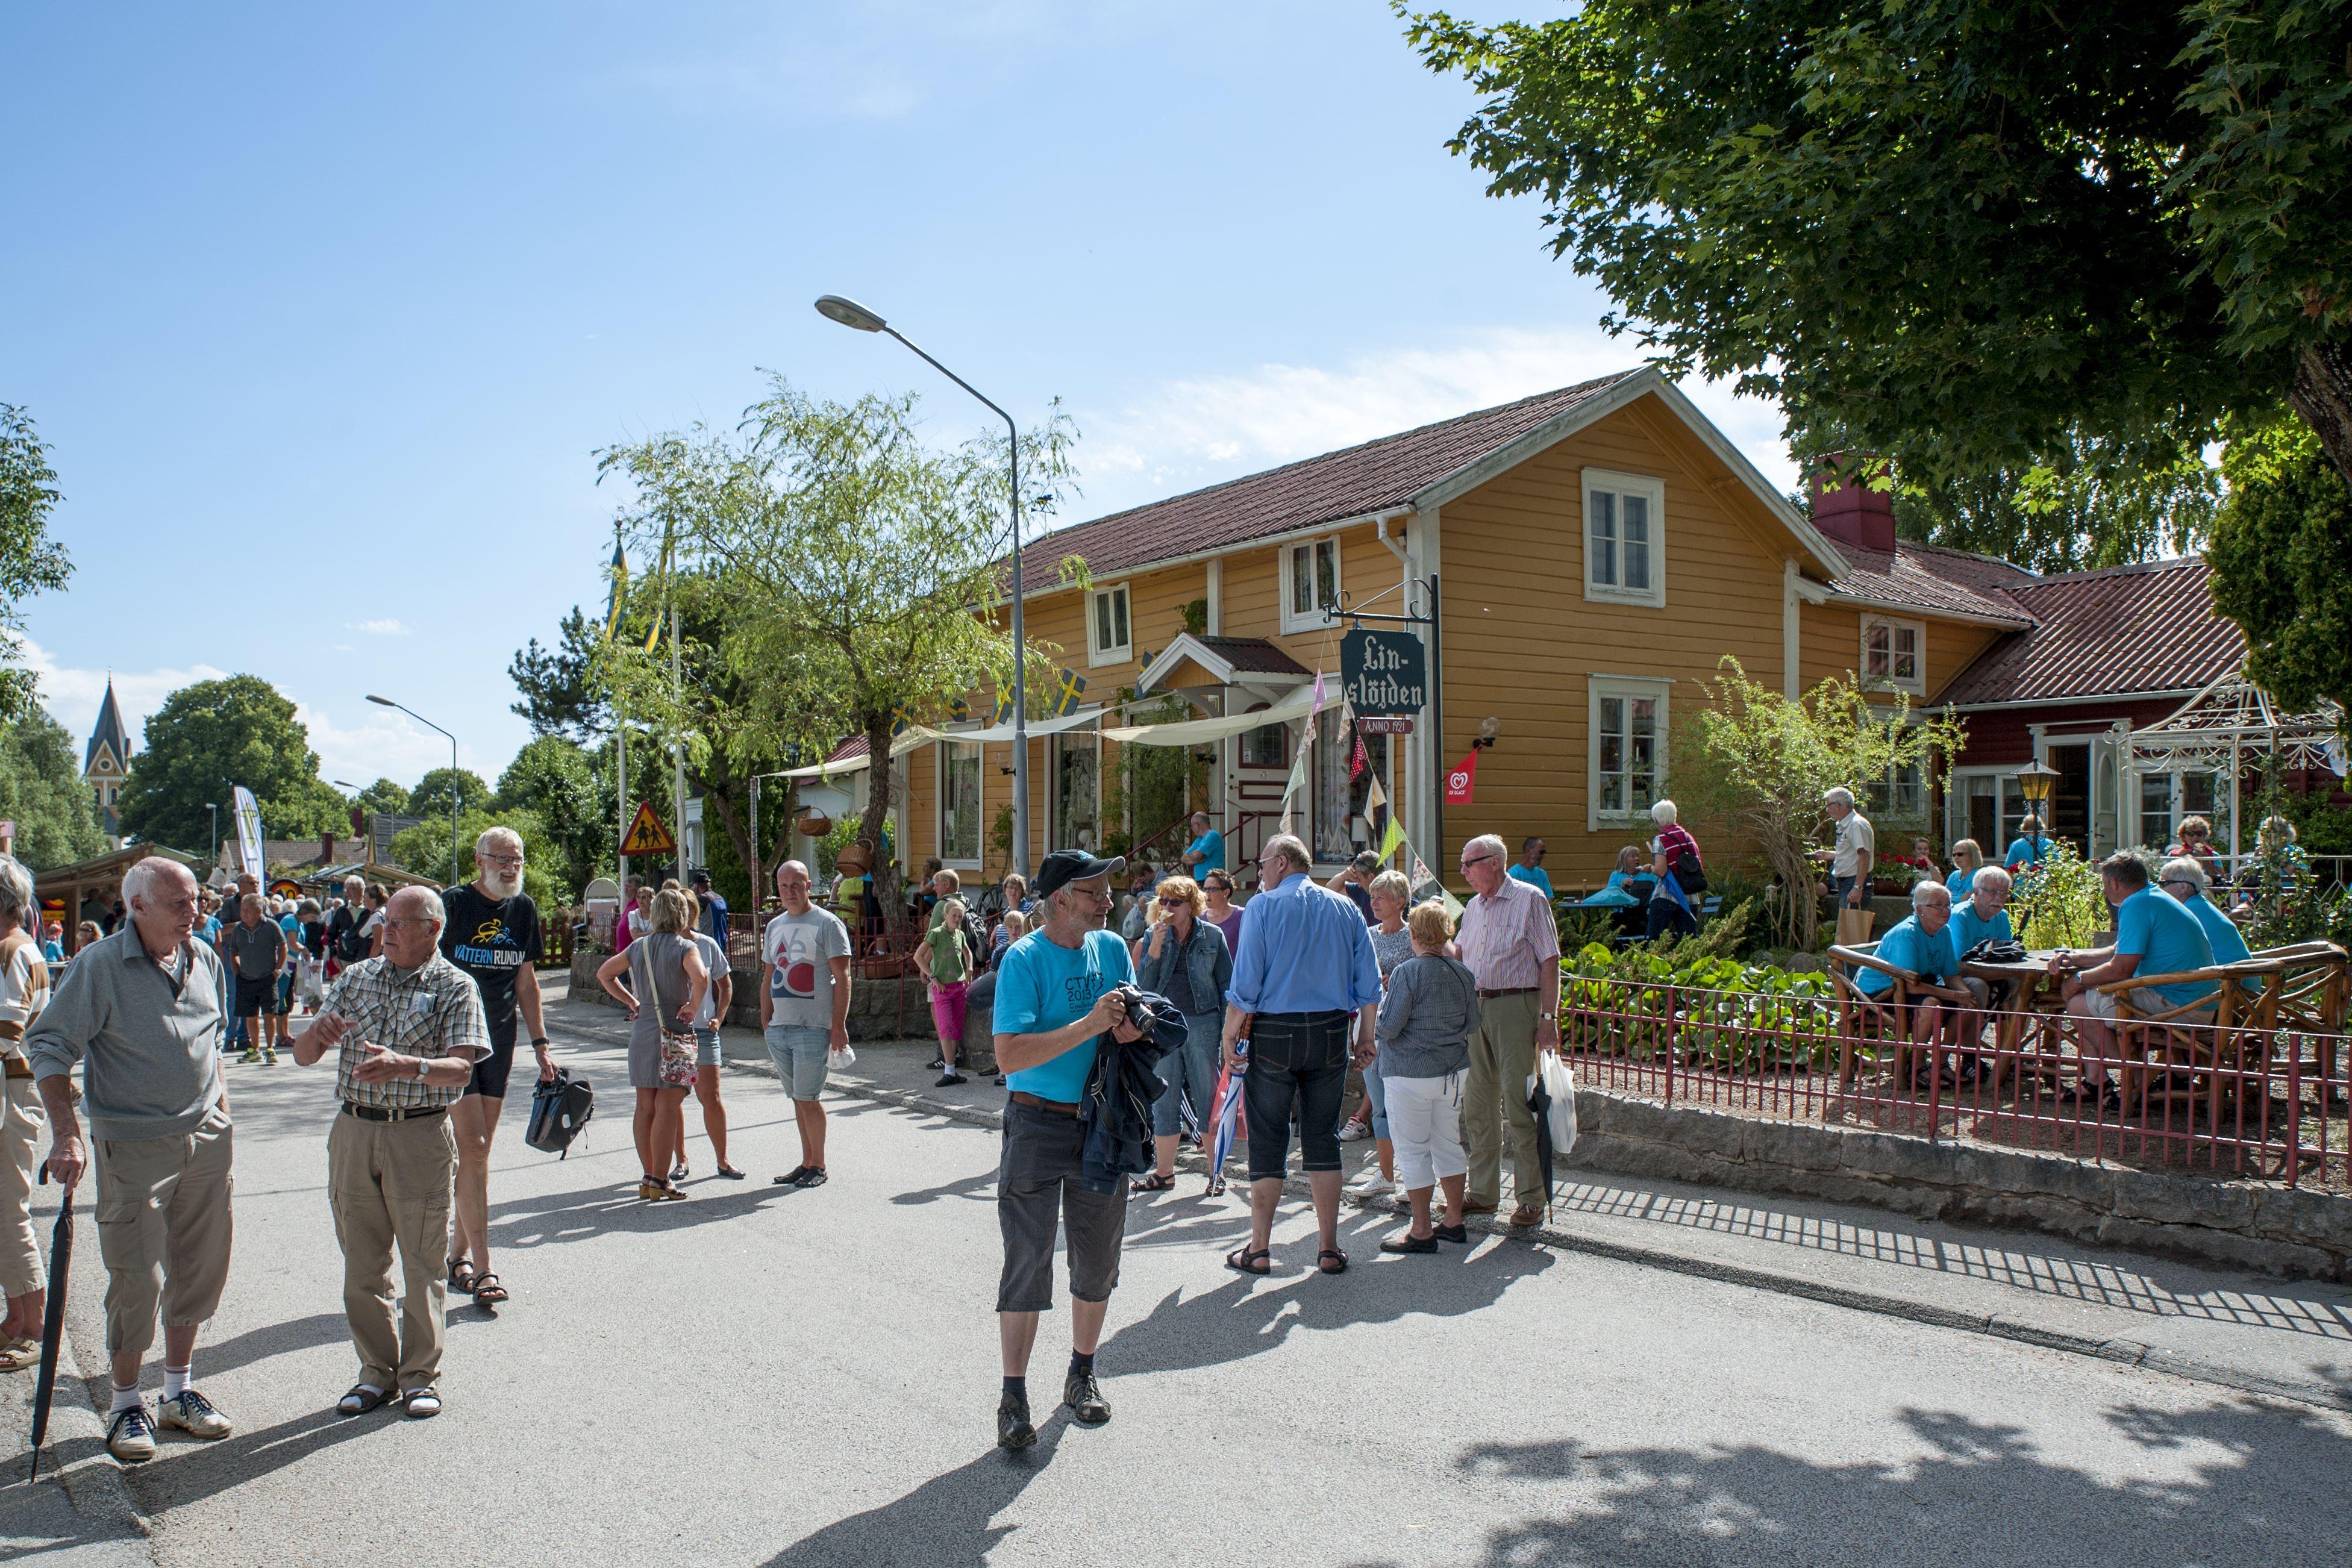 Byafesten Bräkne-Hoby